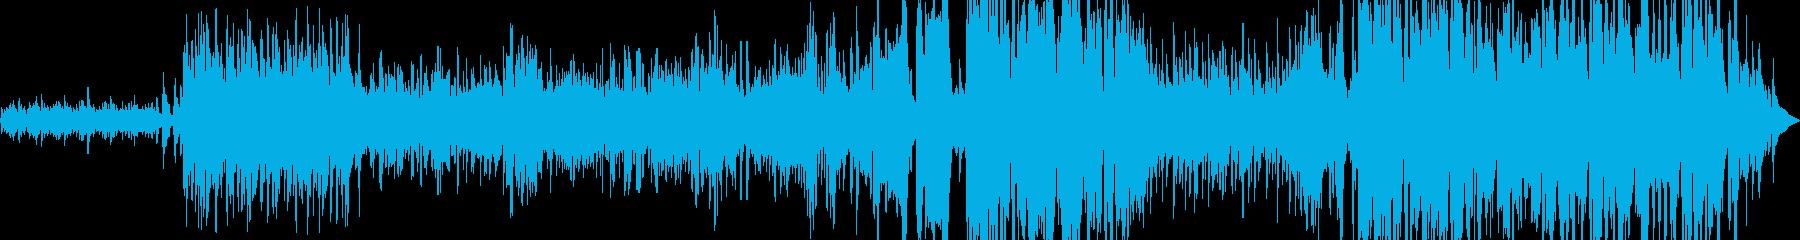 七夕をイメージした女性Vo楽曲。の再生済みの波形